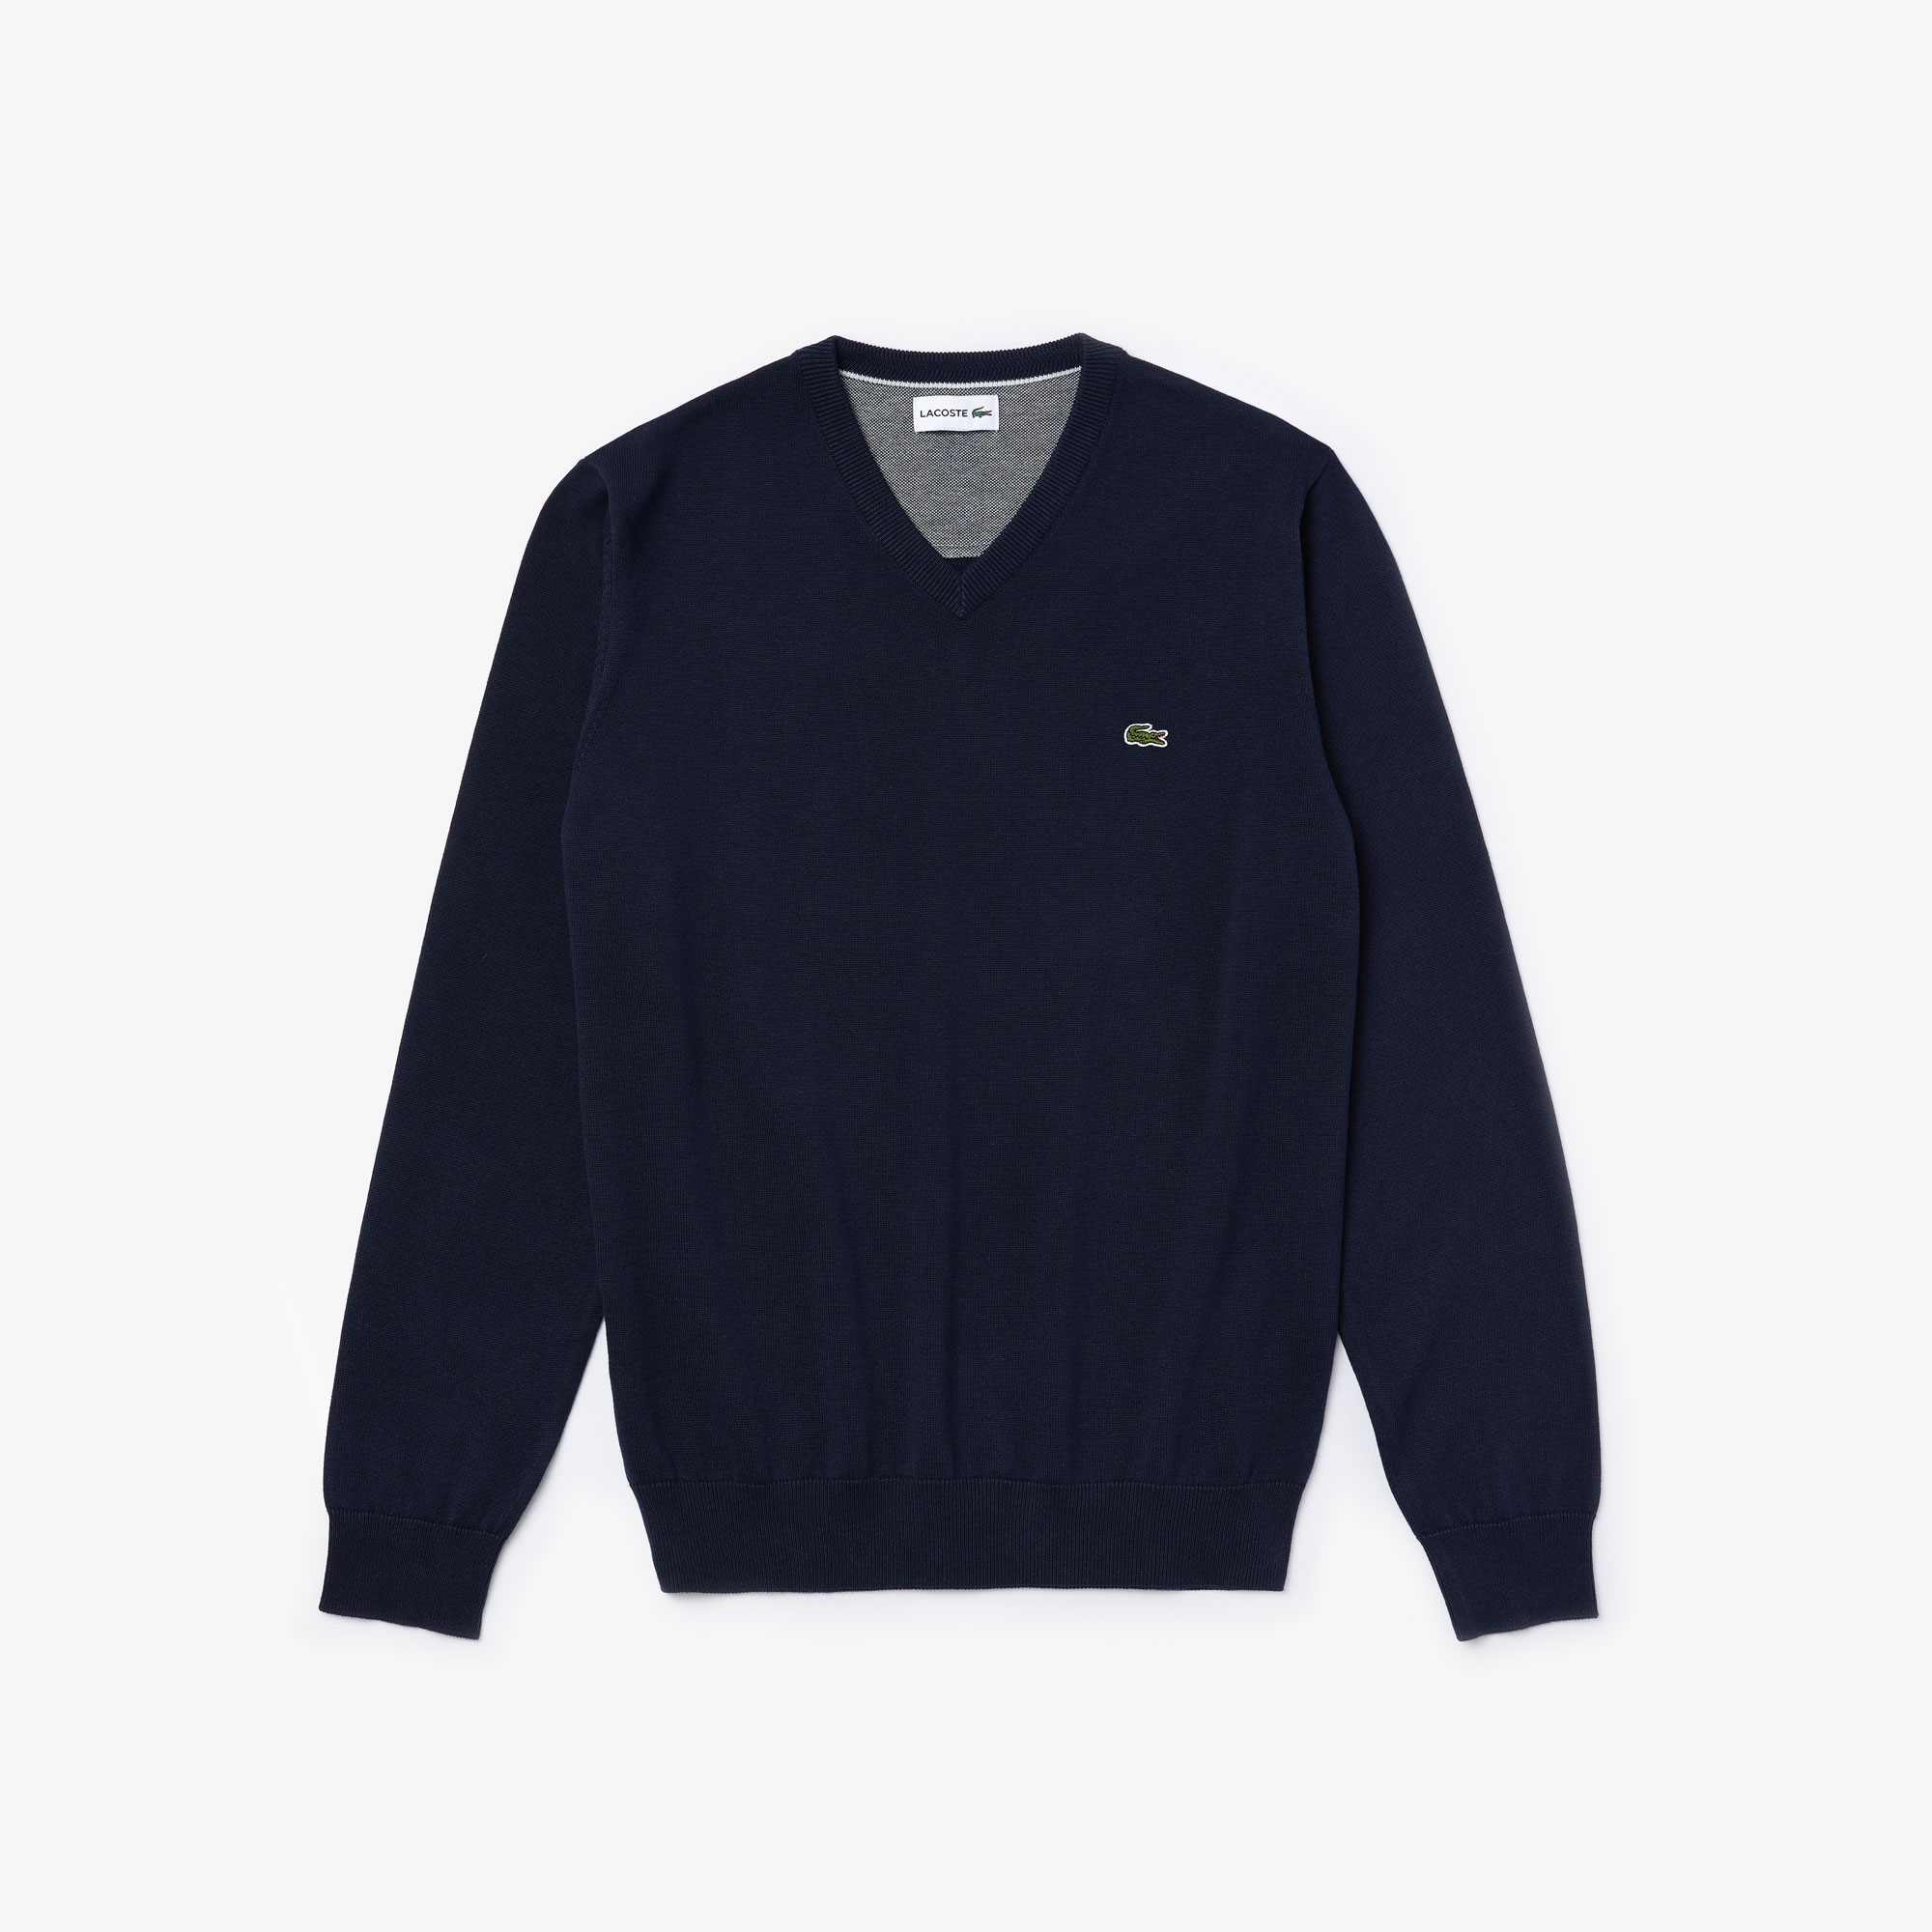 Pullover con collo a V in jersey di cotone tinta unita con dettaglio in piqué caviale